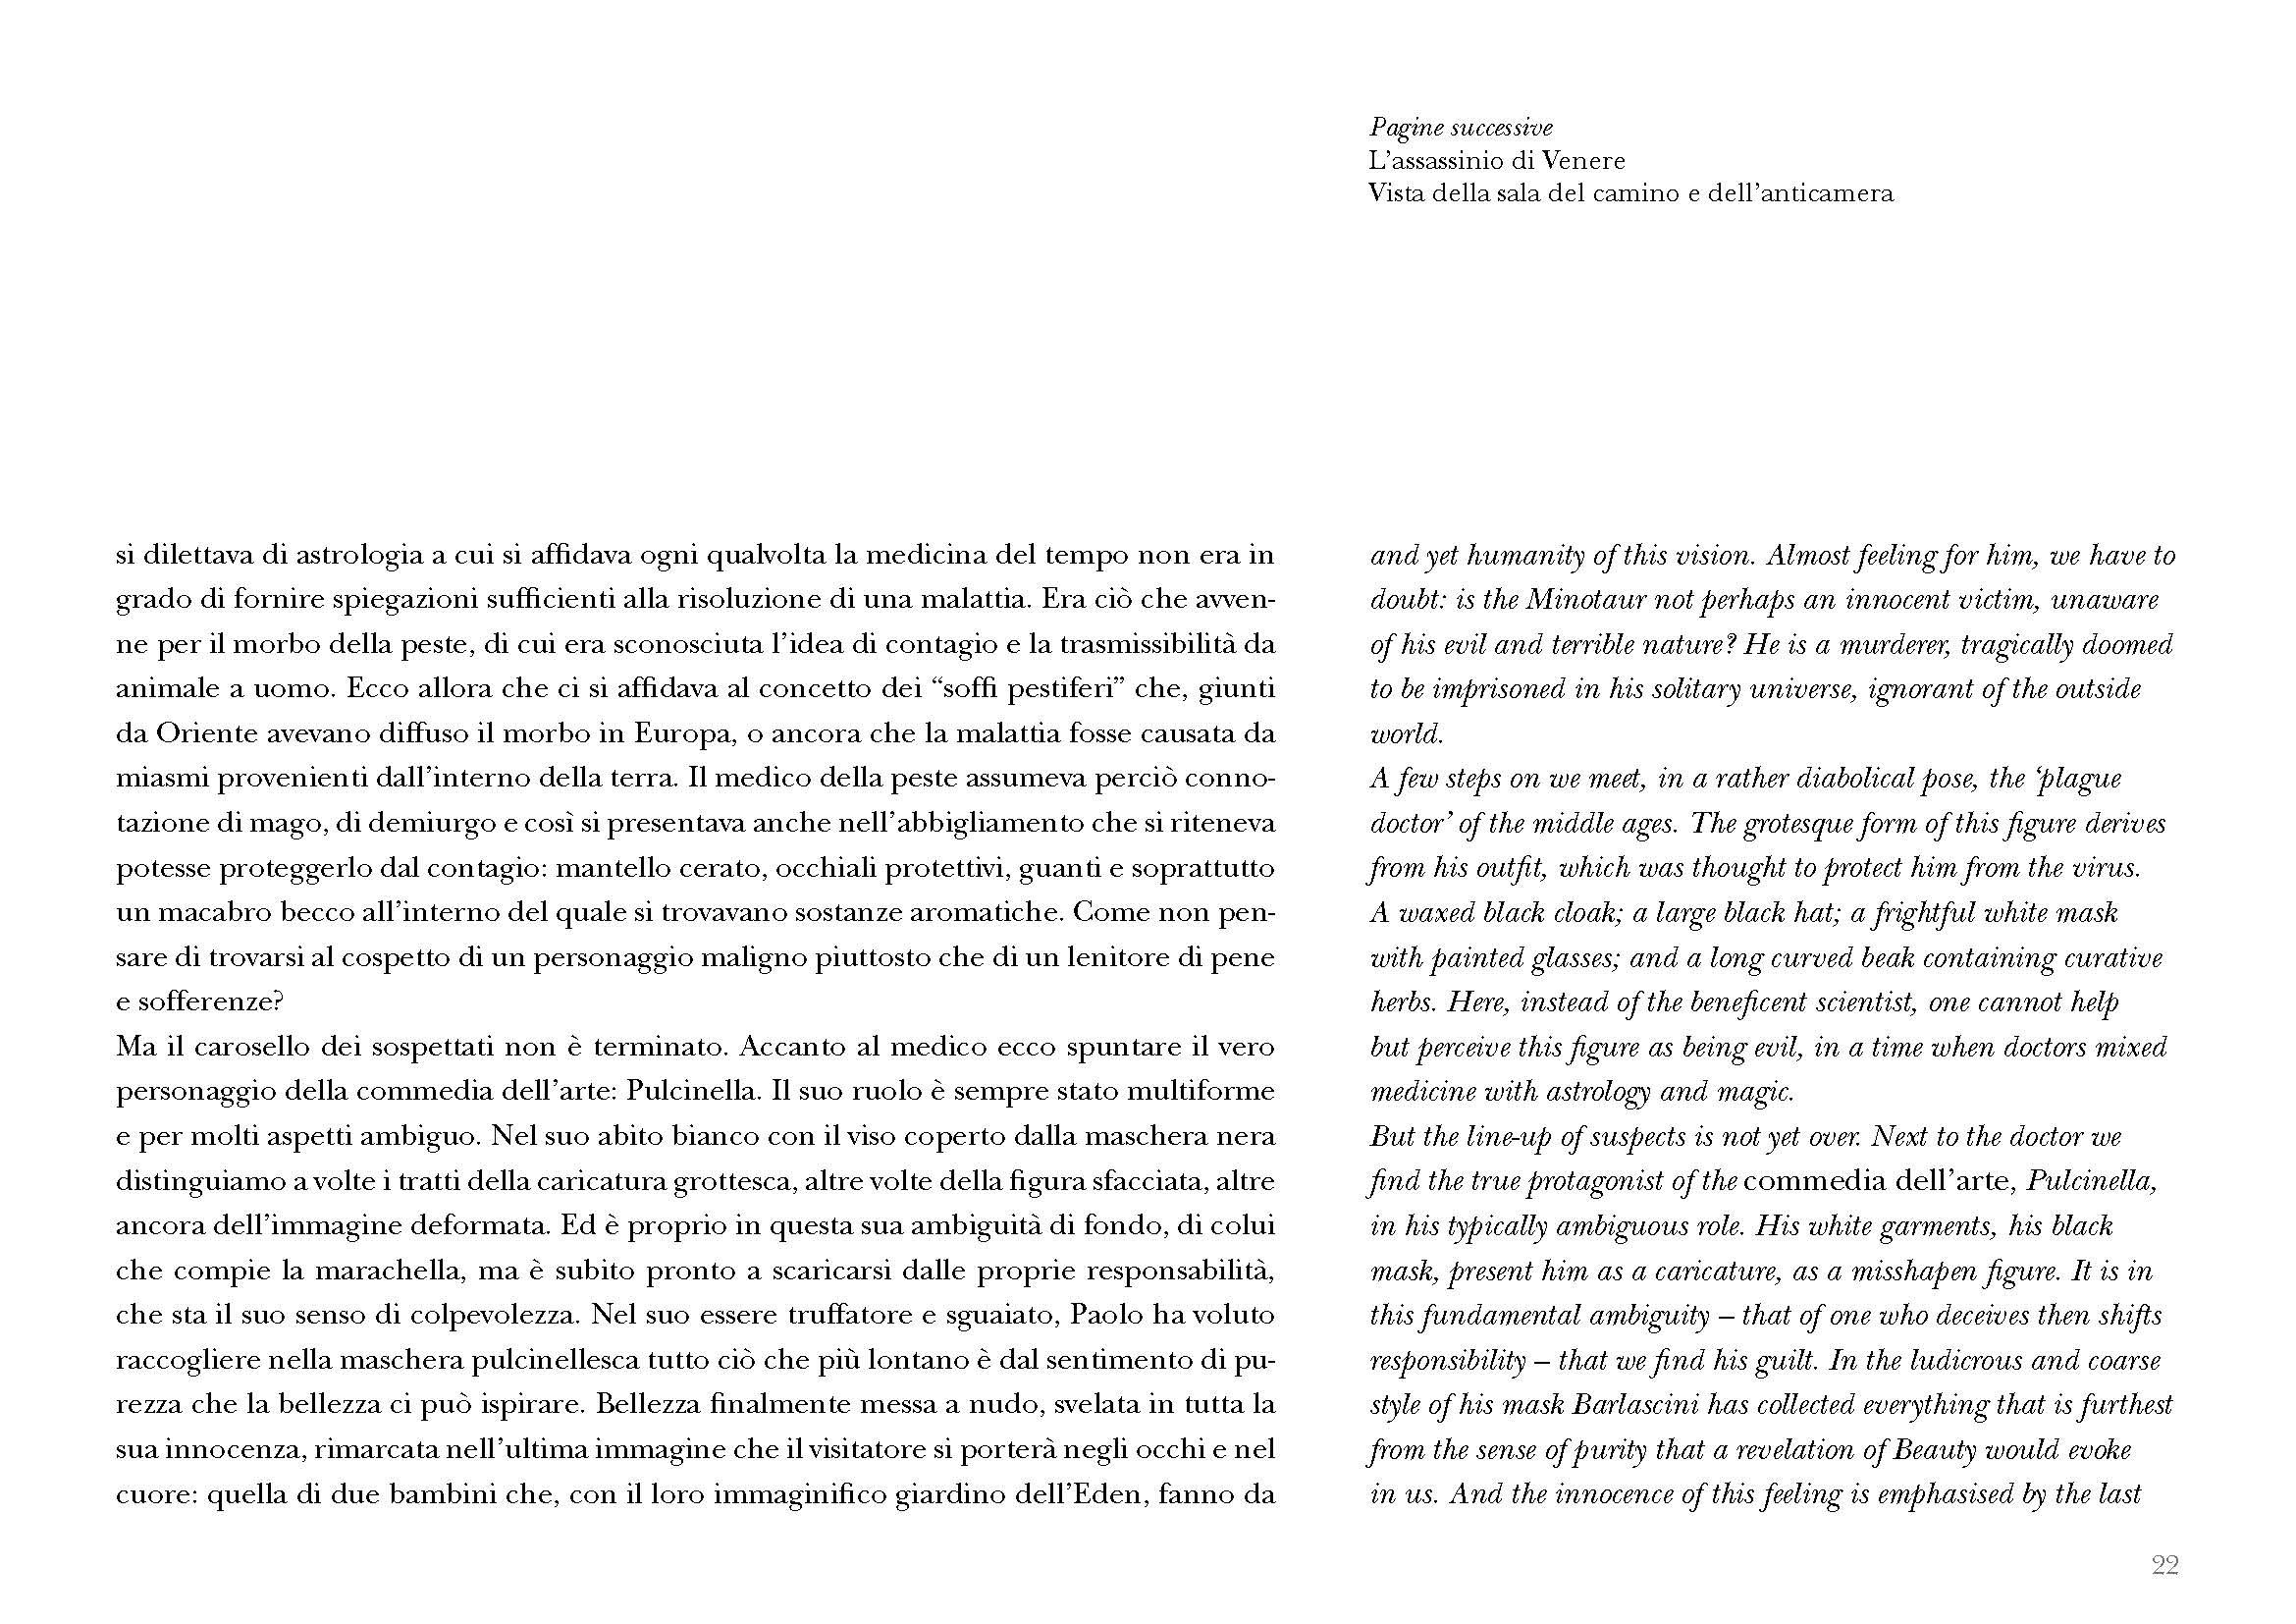 PB08-Assassinio_Page_22.jpg